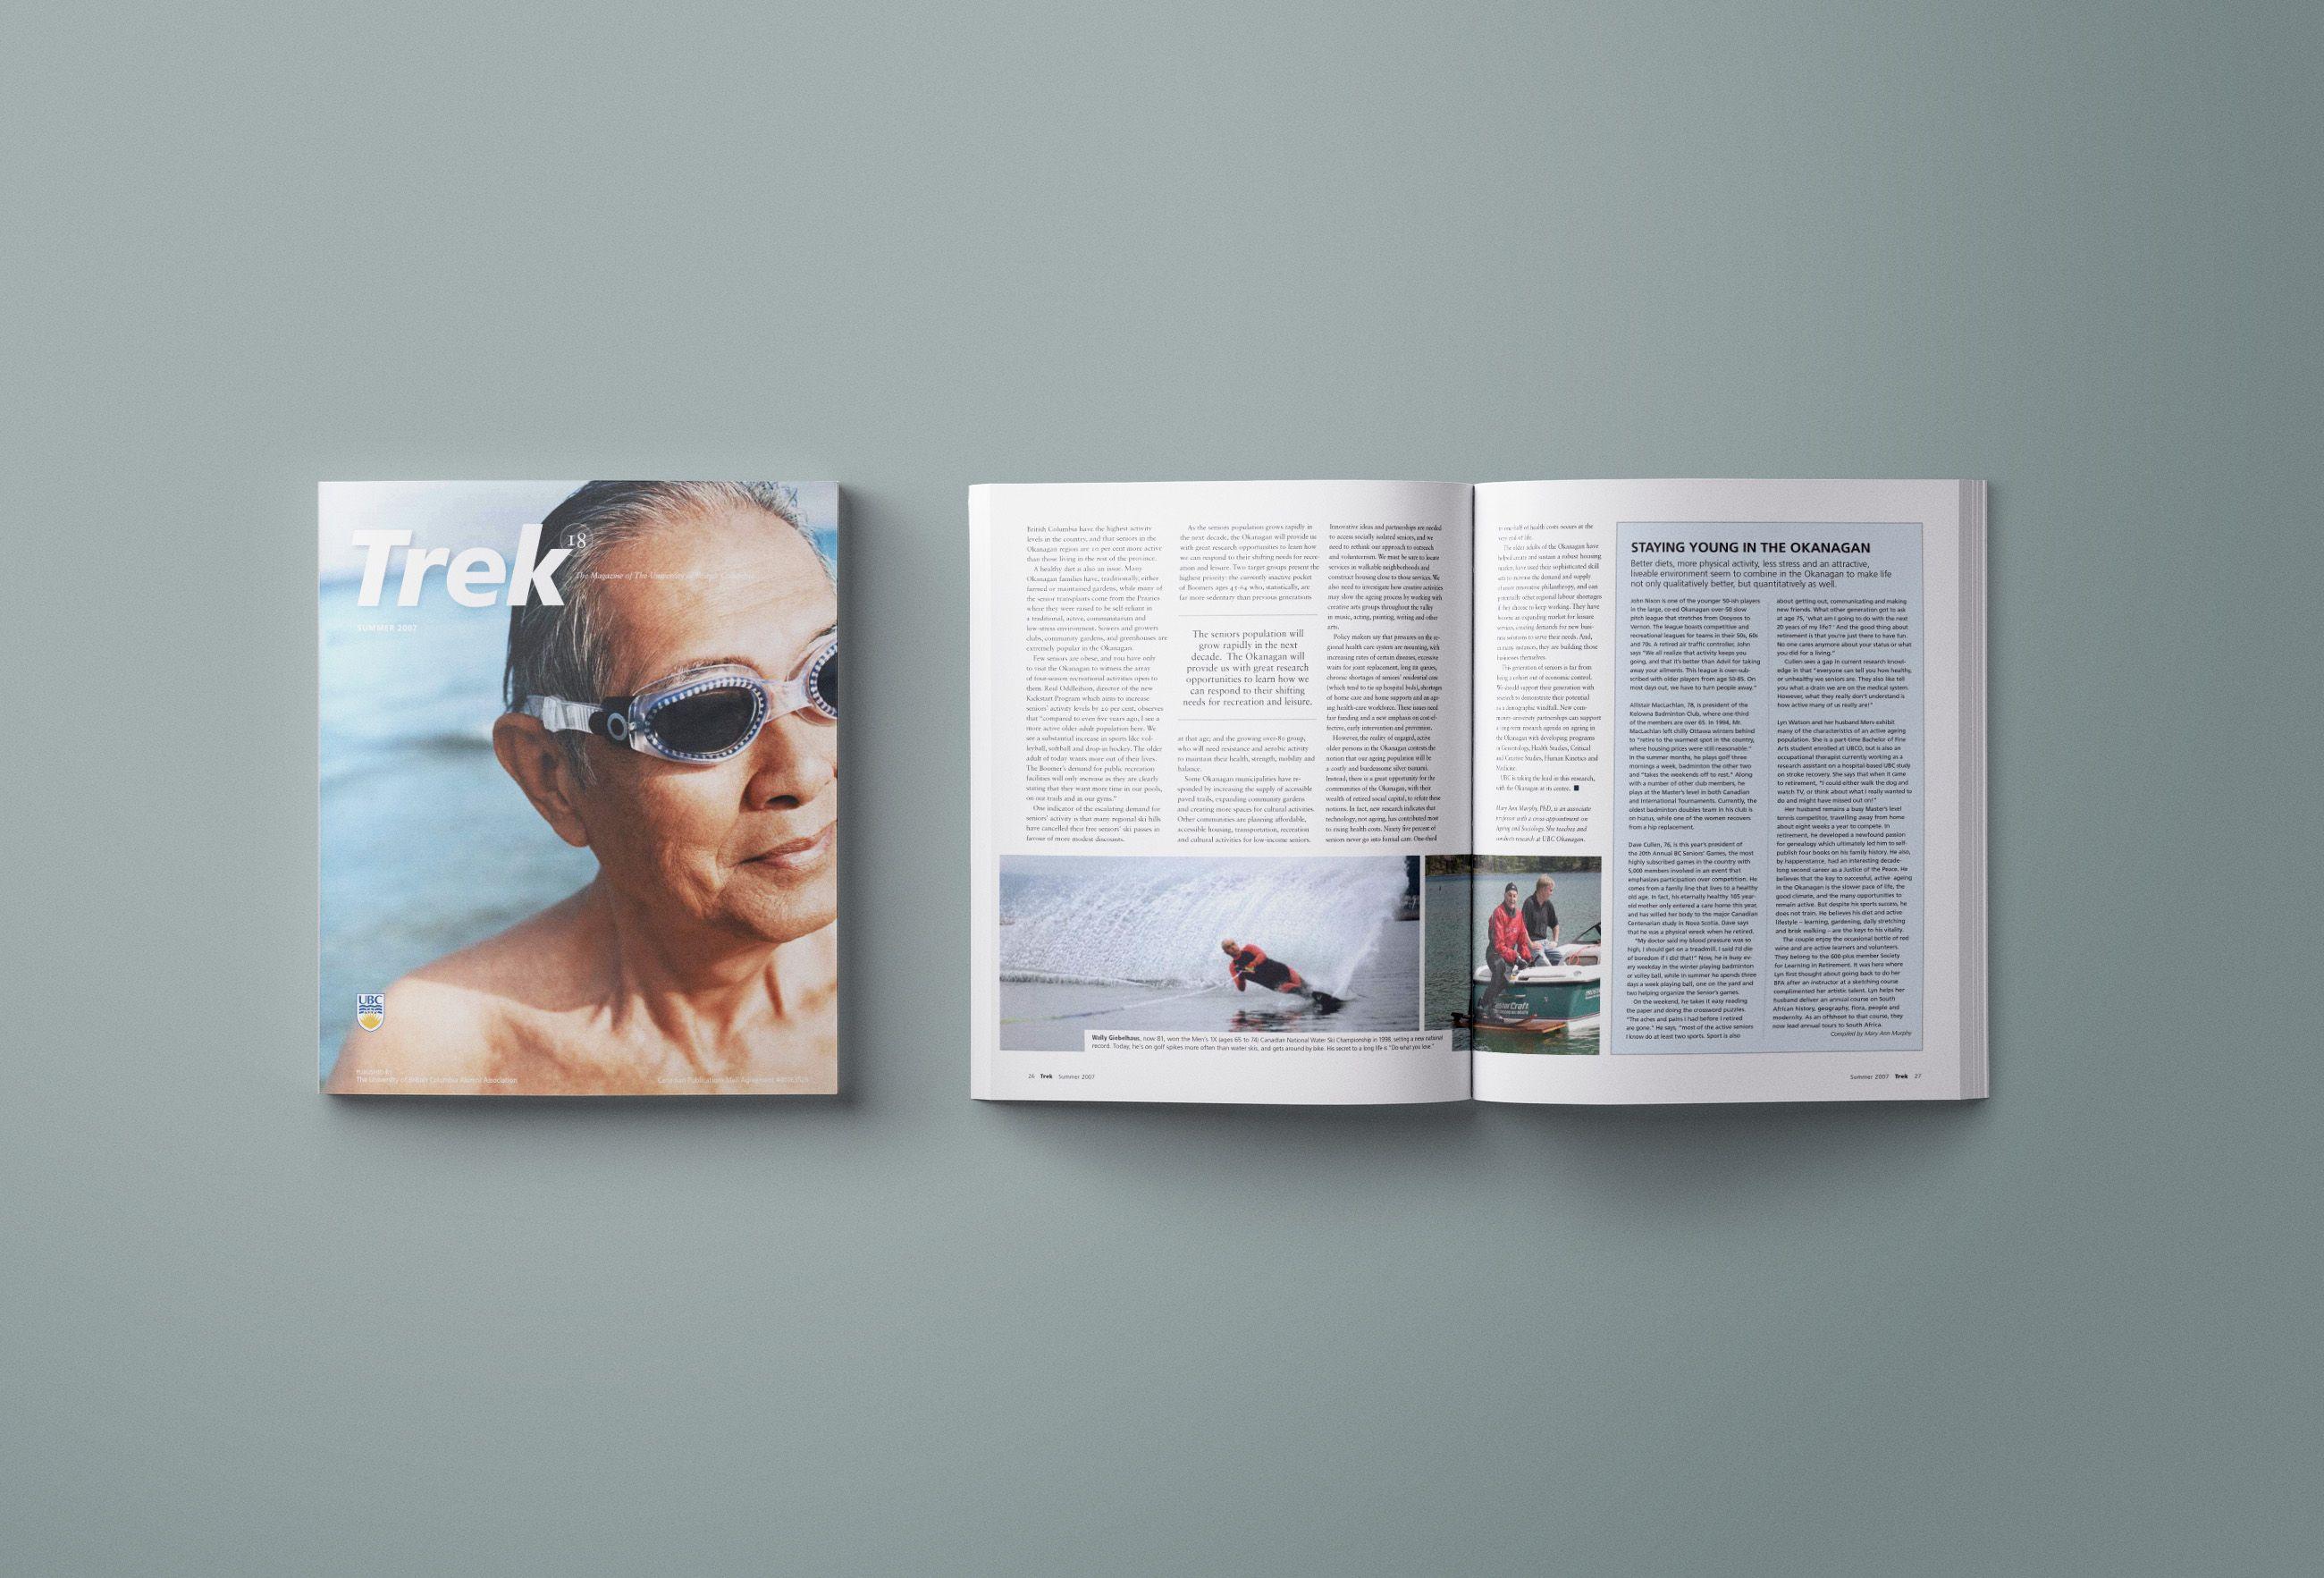 Trek Magazine Summer 2007